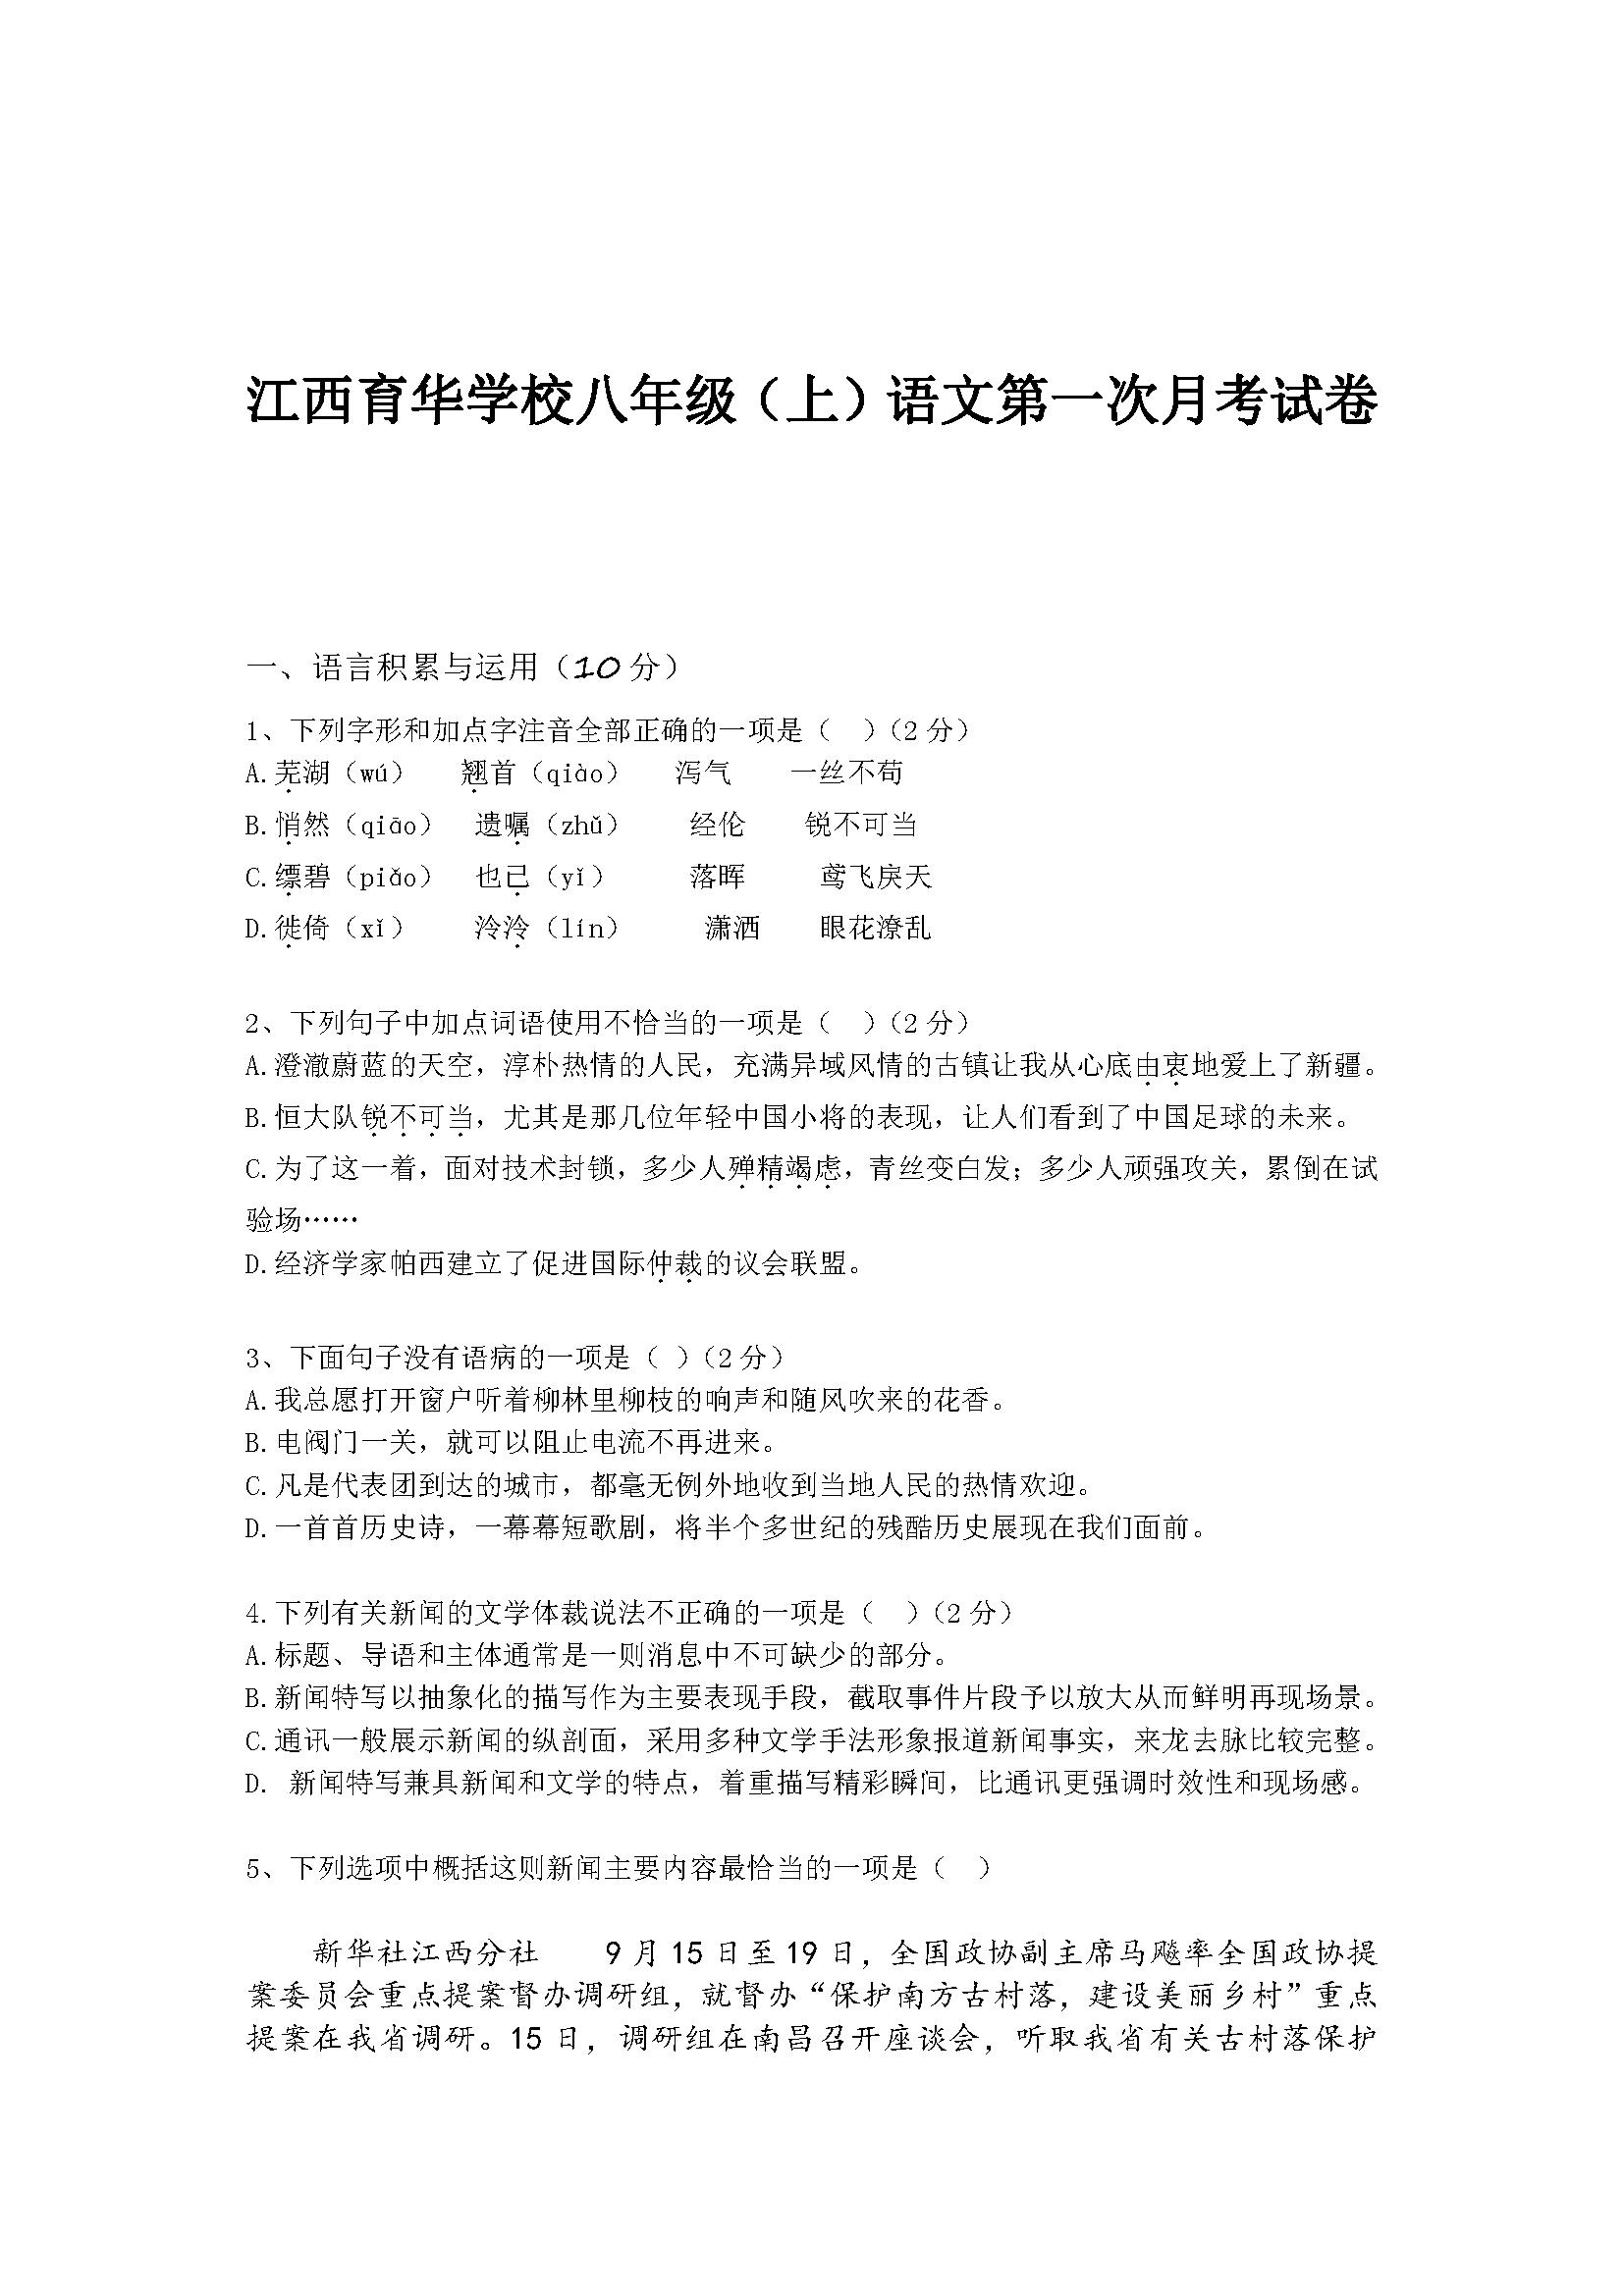 江西南昌育华学校2017-2018八年级上第一次月考语文试题(图片版)